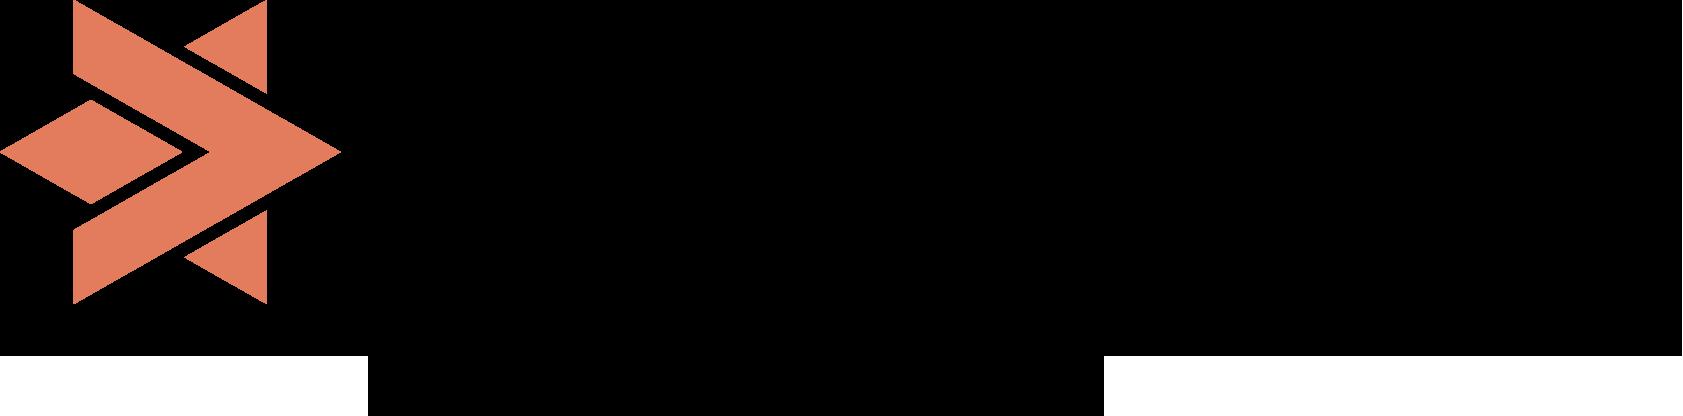 HELIOS iNuvio logo.